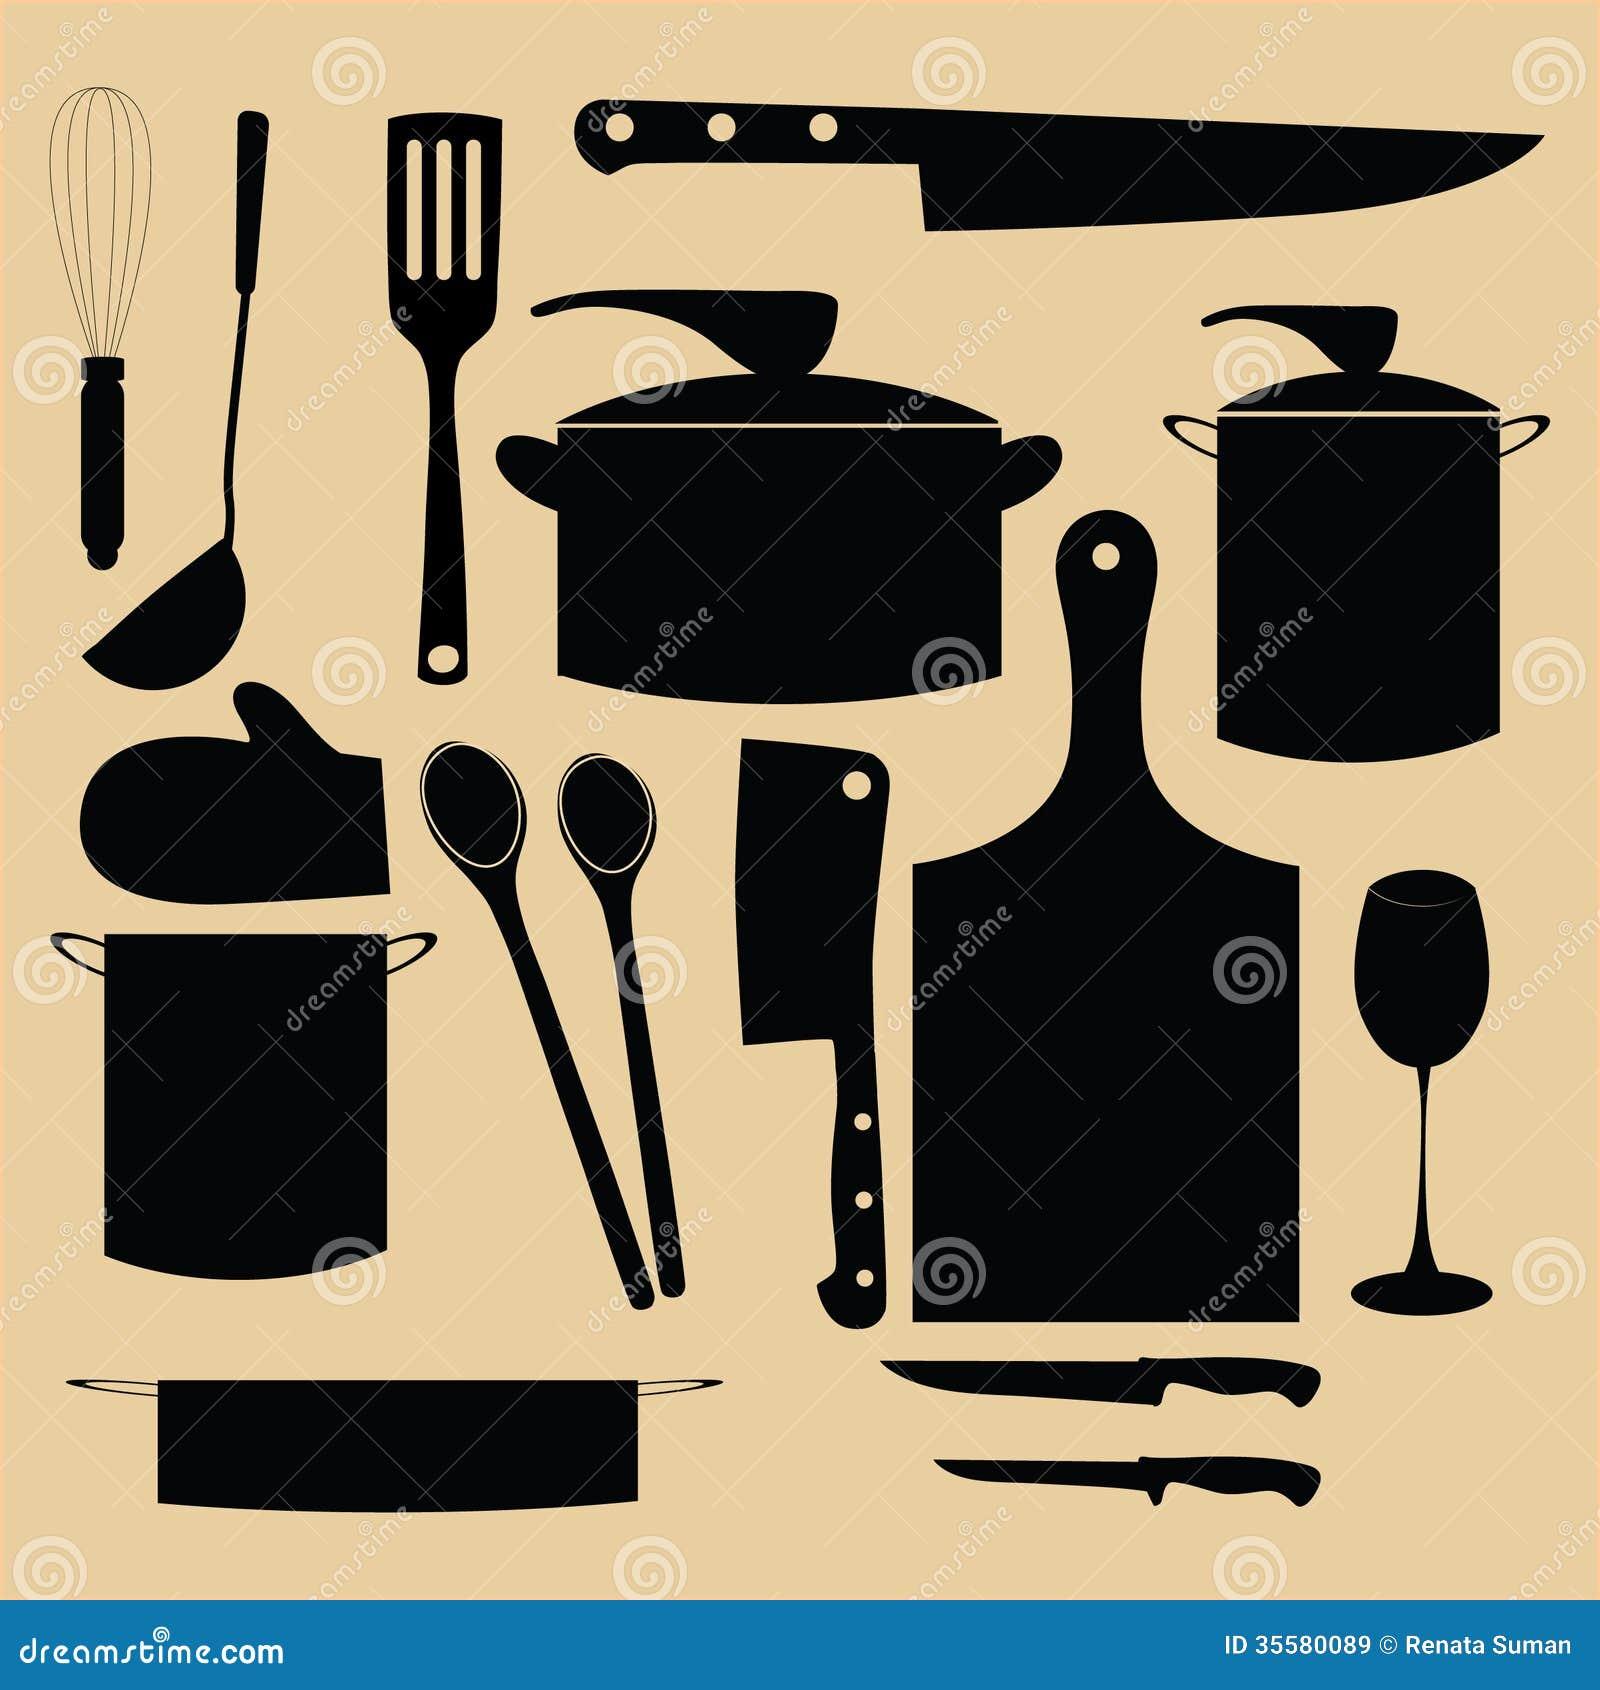 Kitchen Utensil Retro Design Illustration Stock Vector